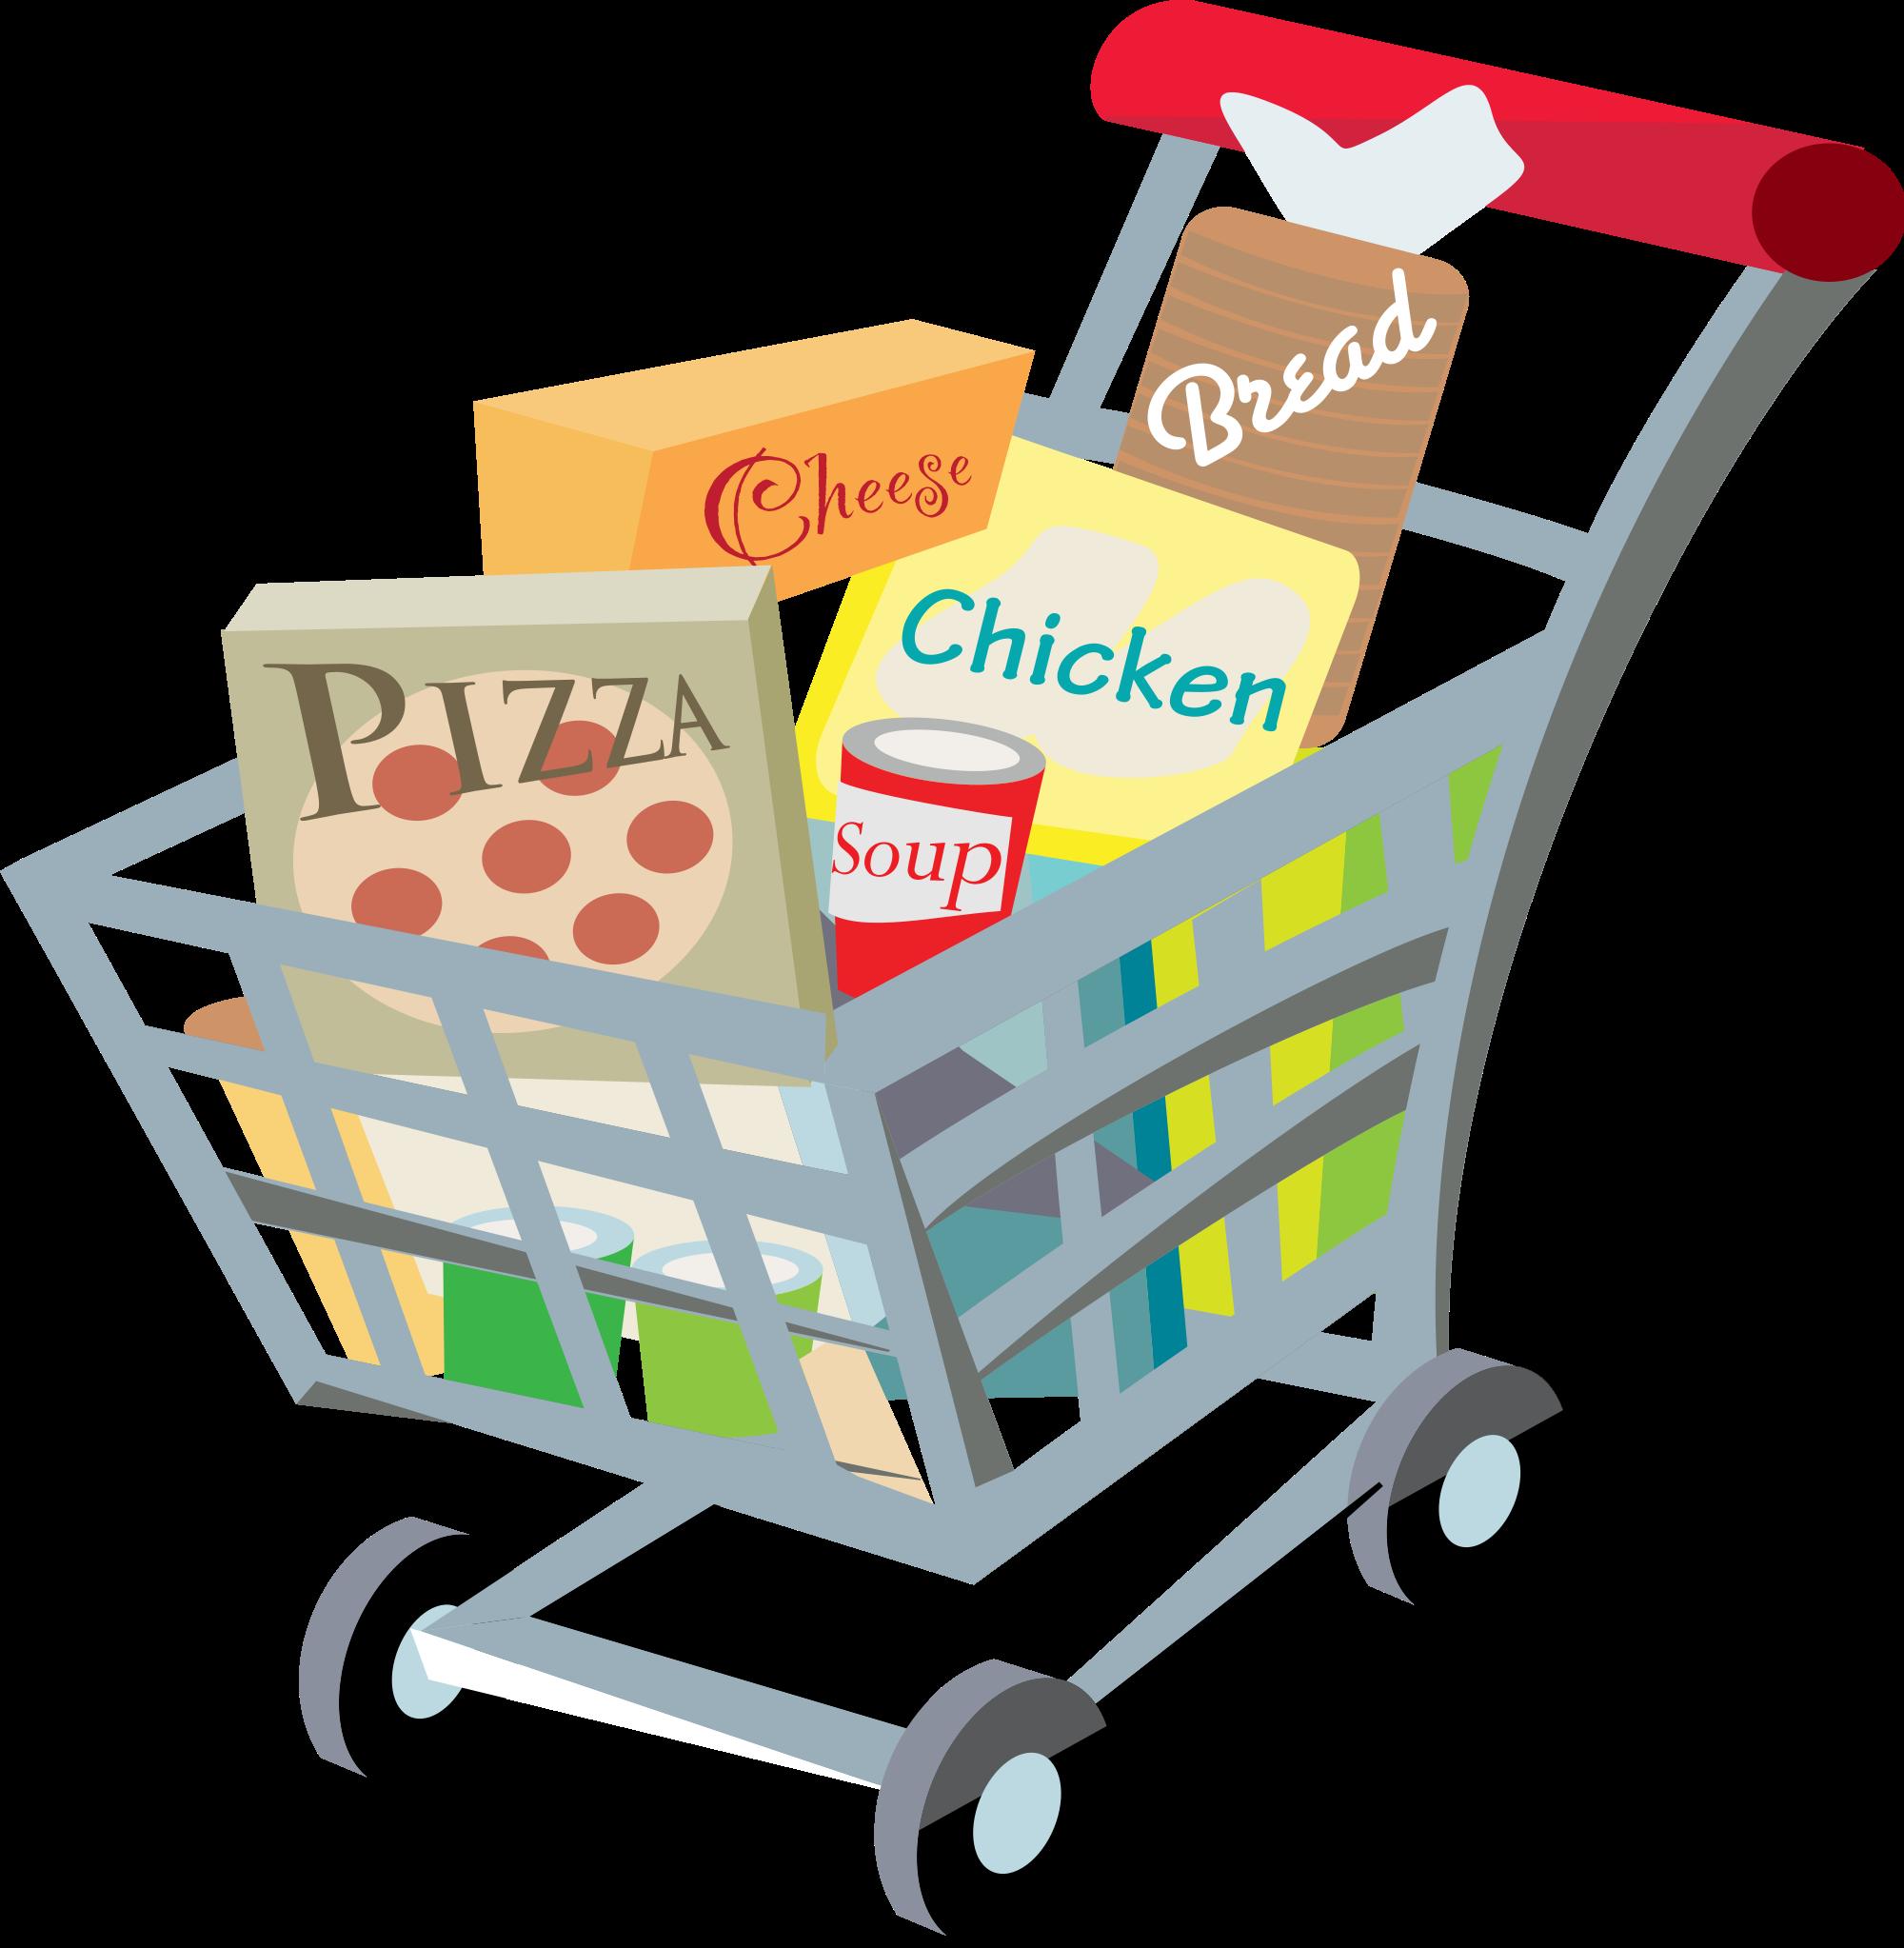 Shopping Cart Clipart Clip art of Shopping Cart Clipart #8142.